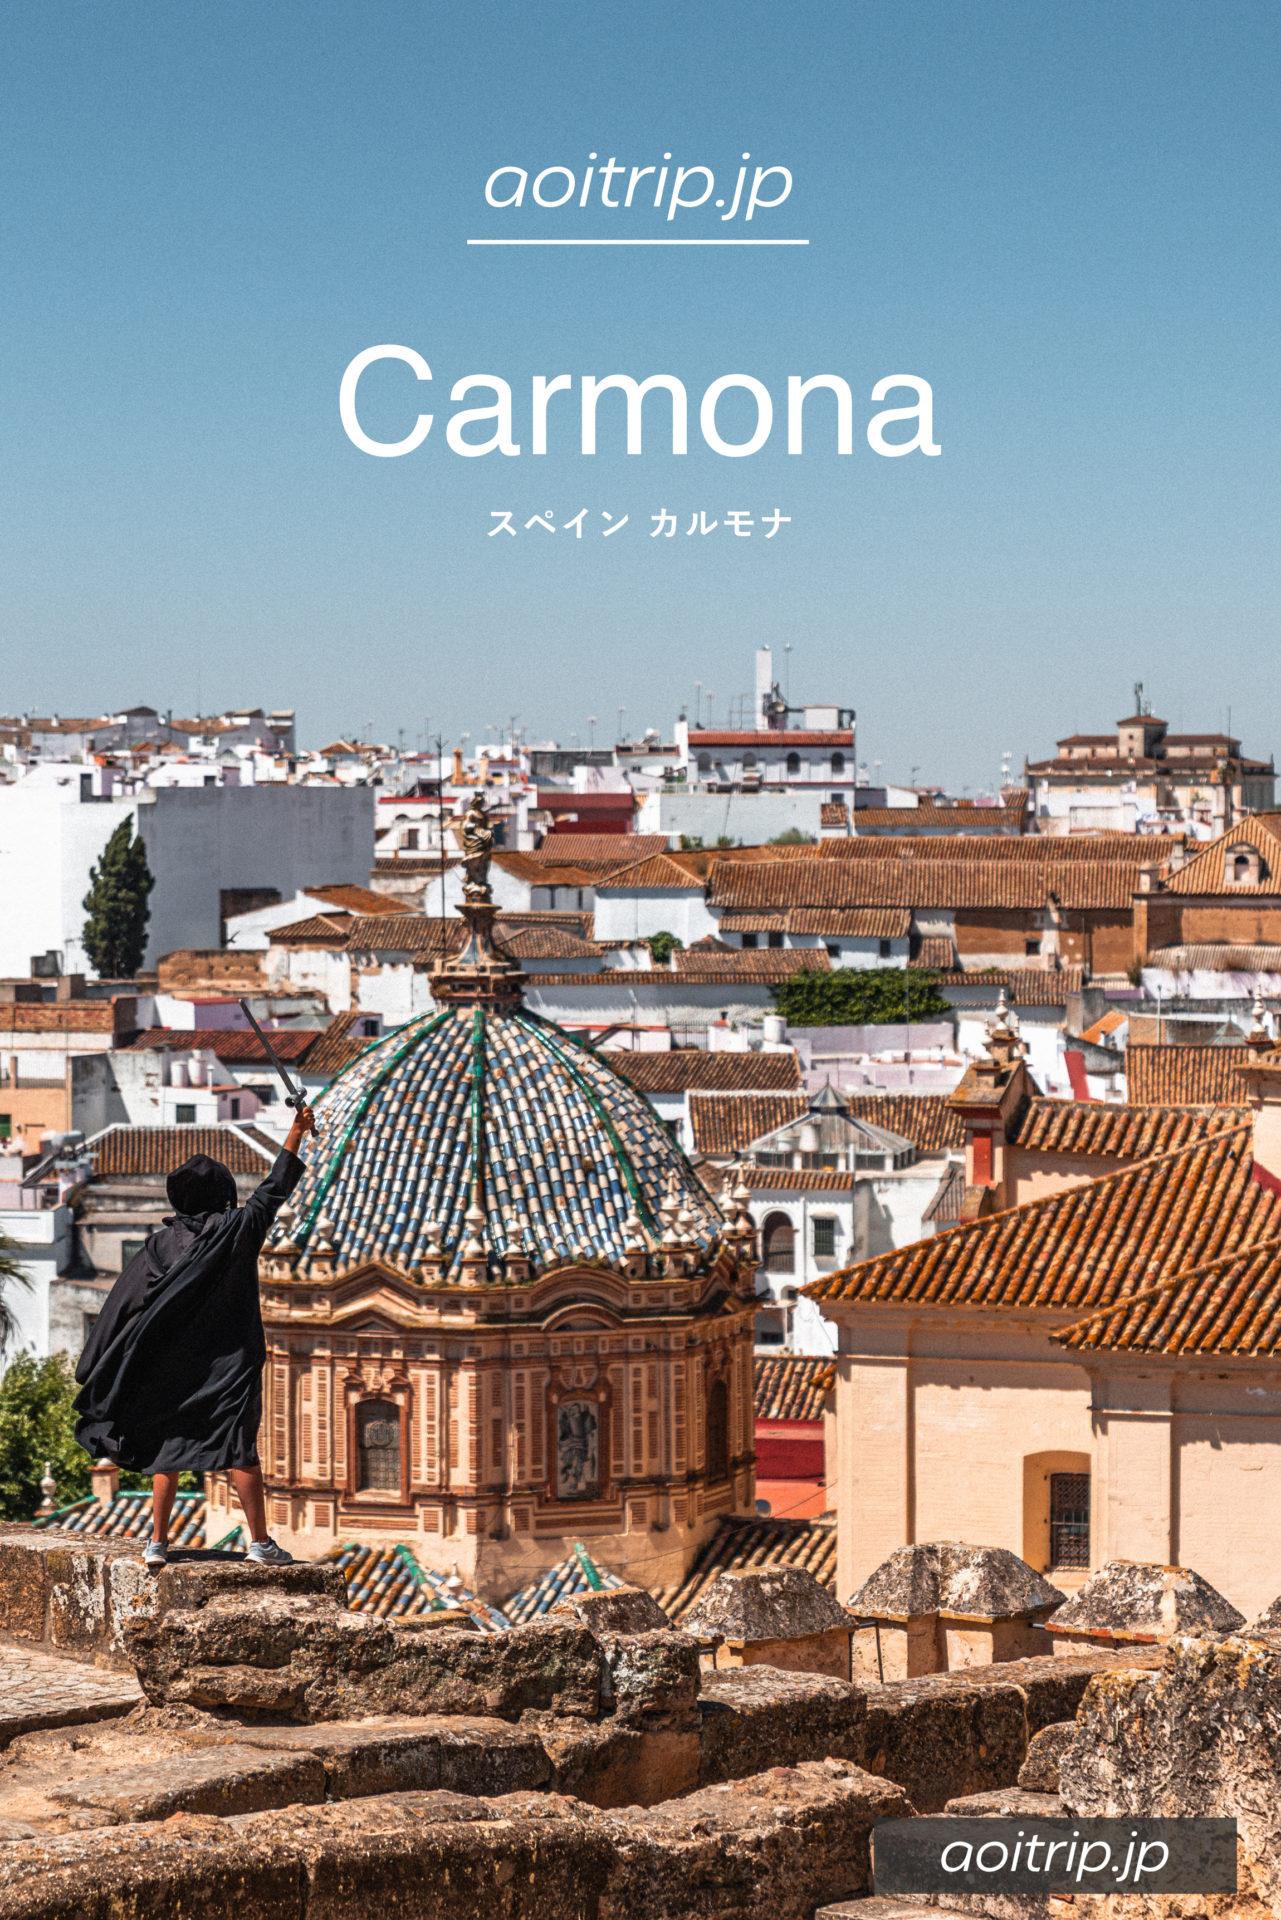 スペイン カルモナ観光 旅行ガイド Carmona Travel Guide